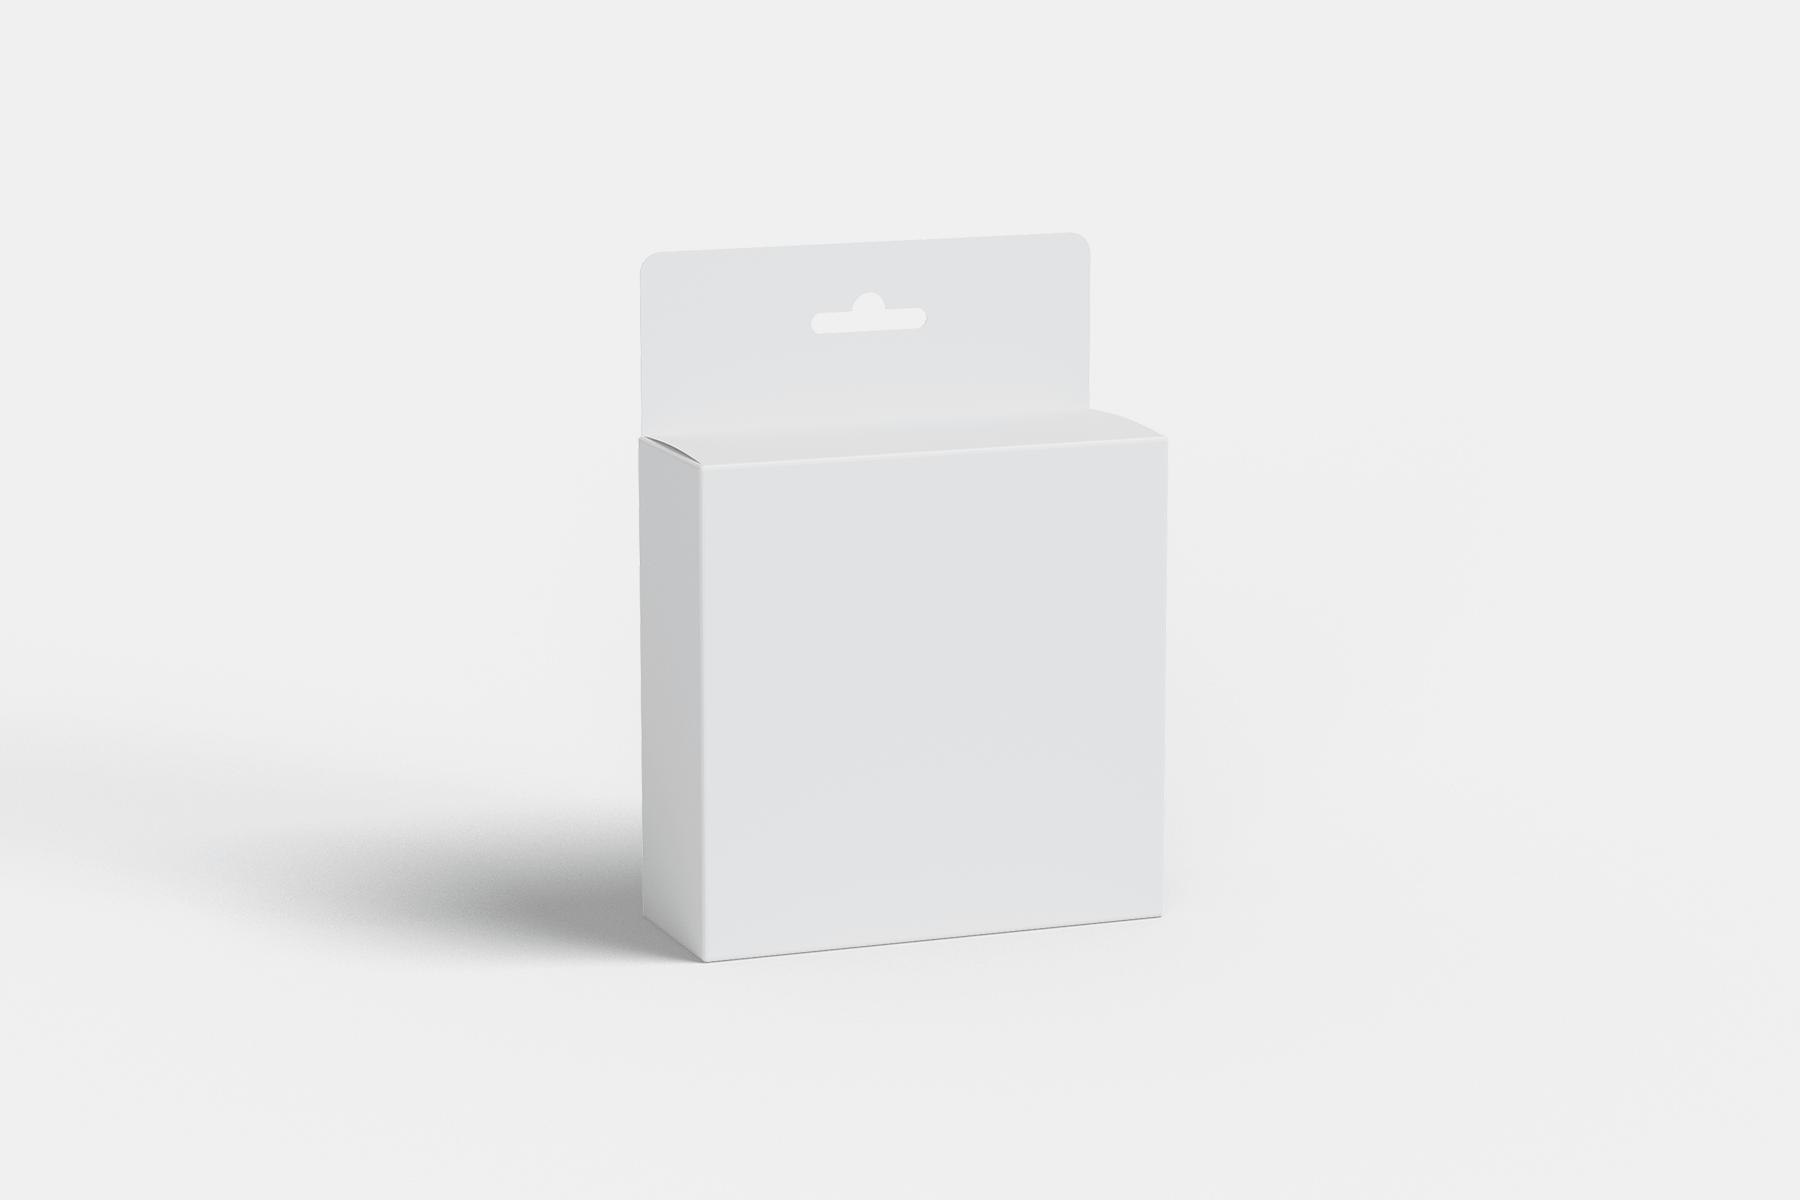 Free Hanging Packaging Box Mockup 1